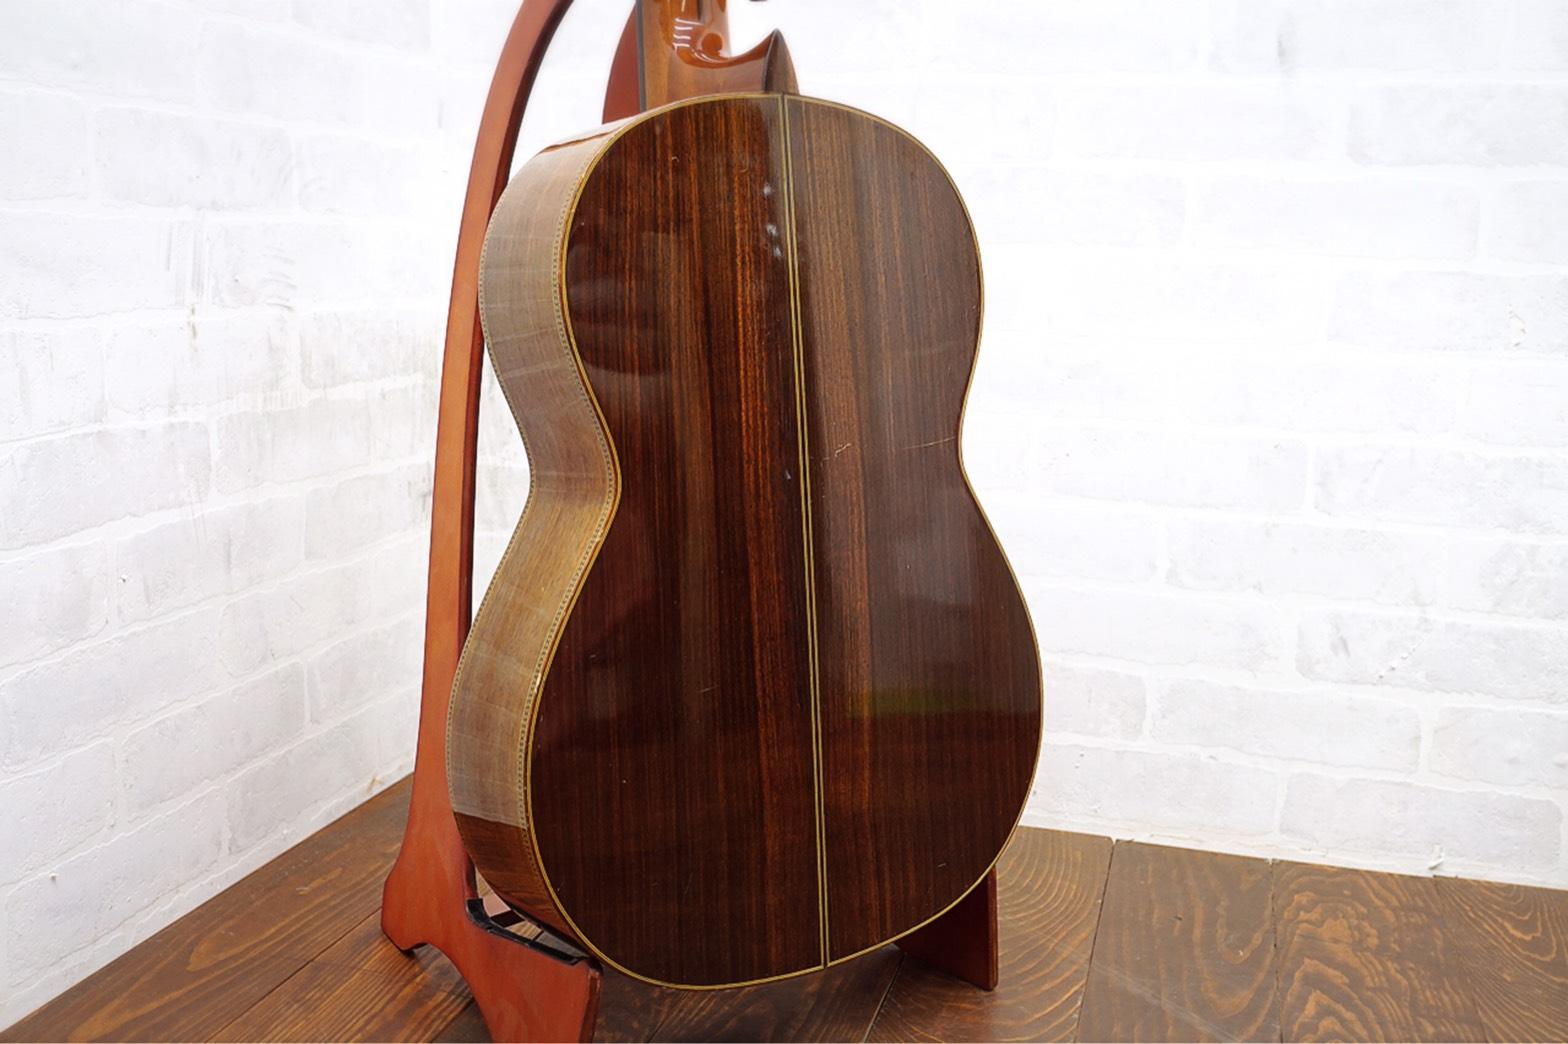 黒澤澄夫 クラシックギター No.203